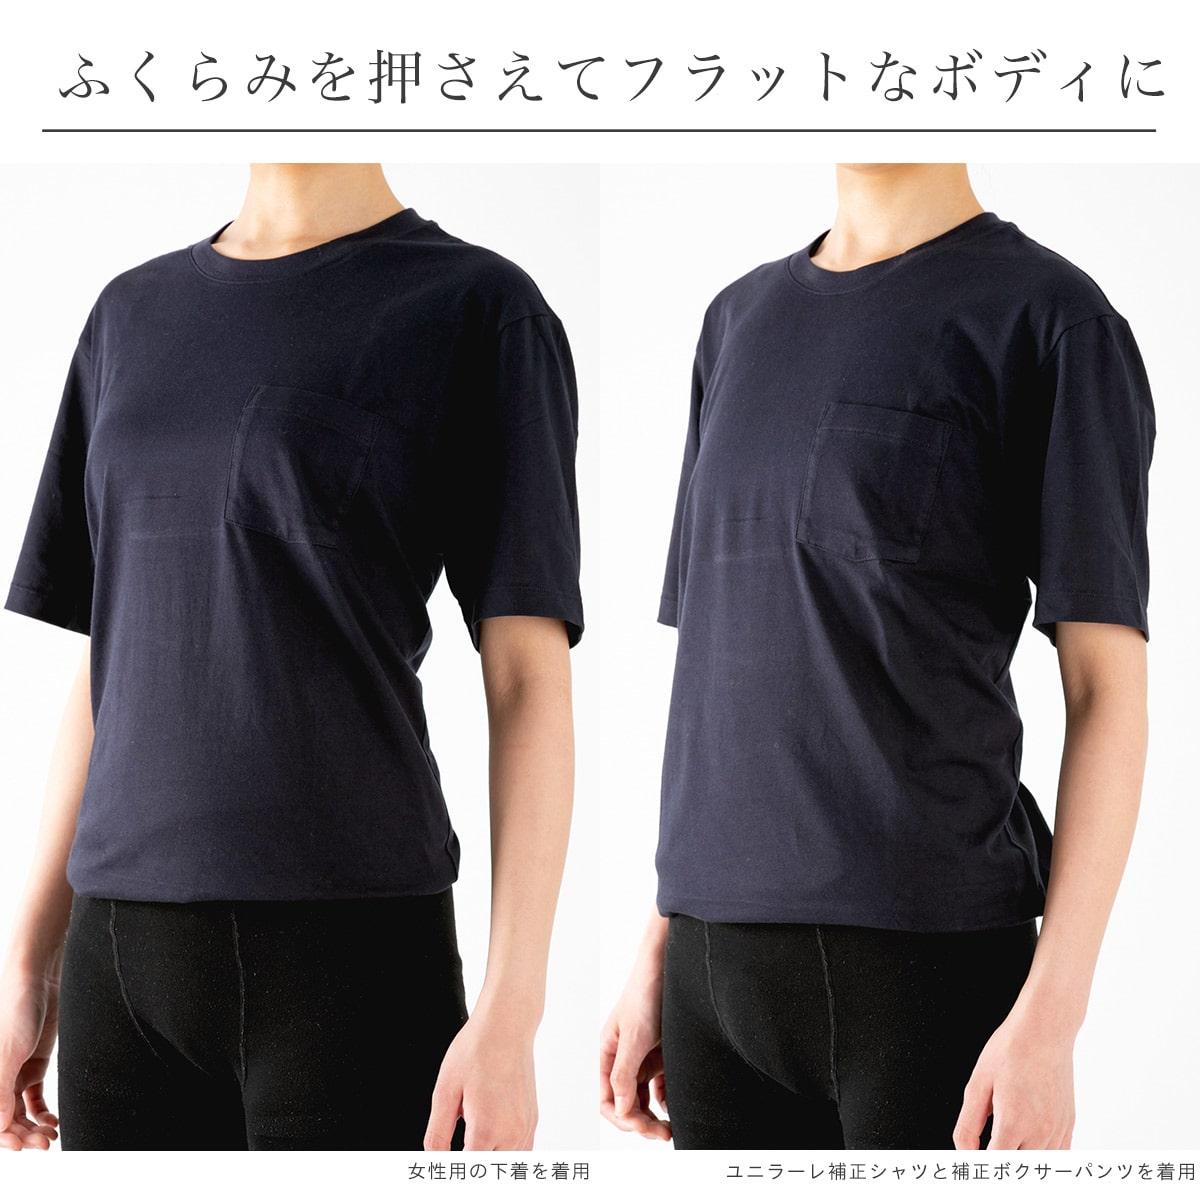 【ユニラーレ】 補正シャツ | #UNILALE #日本製  #シャツ #補正インナー #トップス #麻倉ケイト